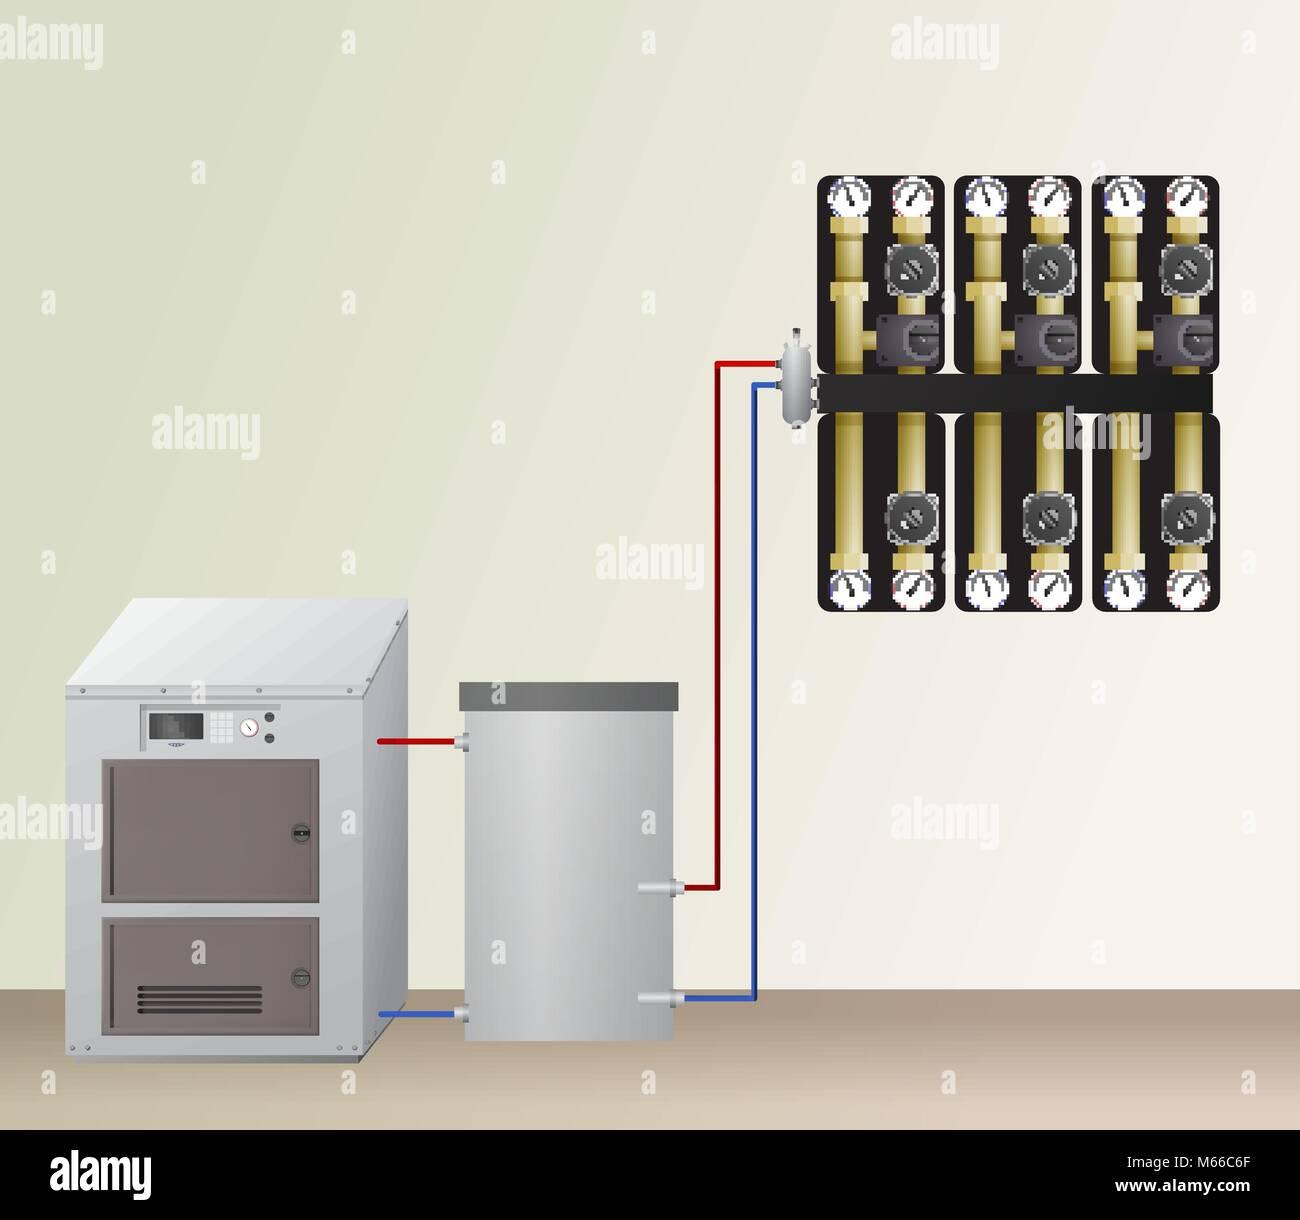 Solid fuel boilers BEACON 53